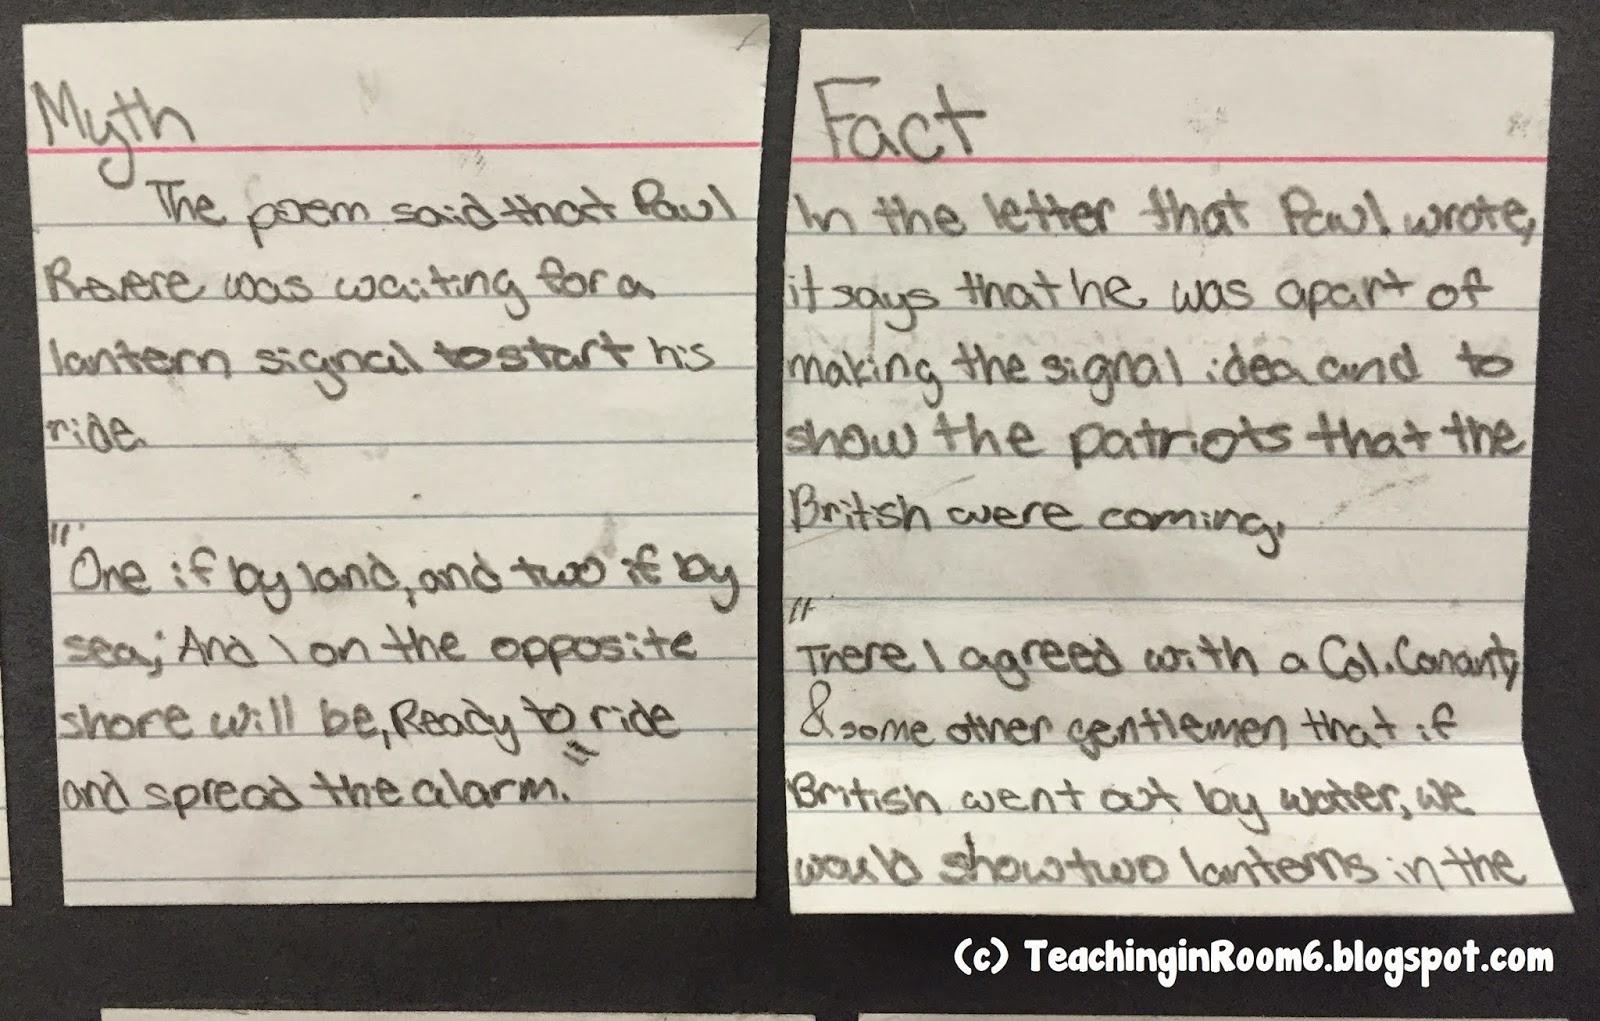 Paul Revere: Fact or Myth? - Teaching in Room 6